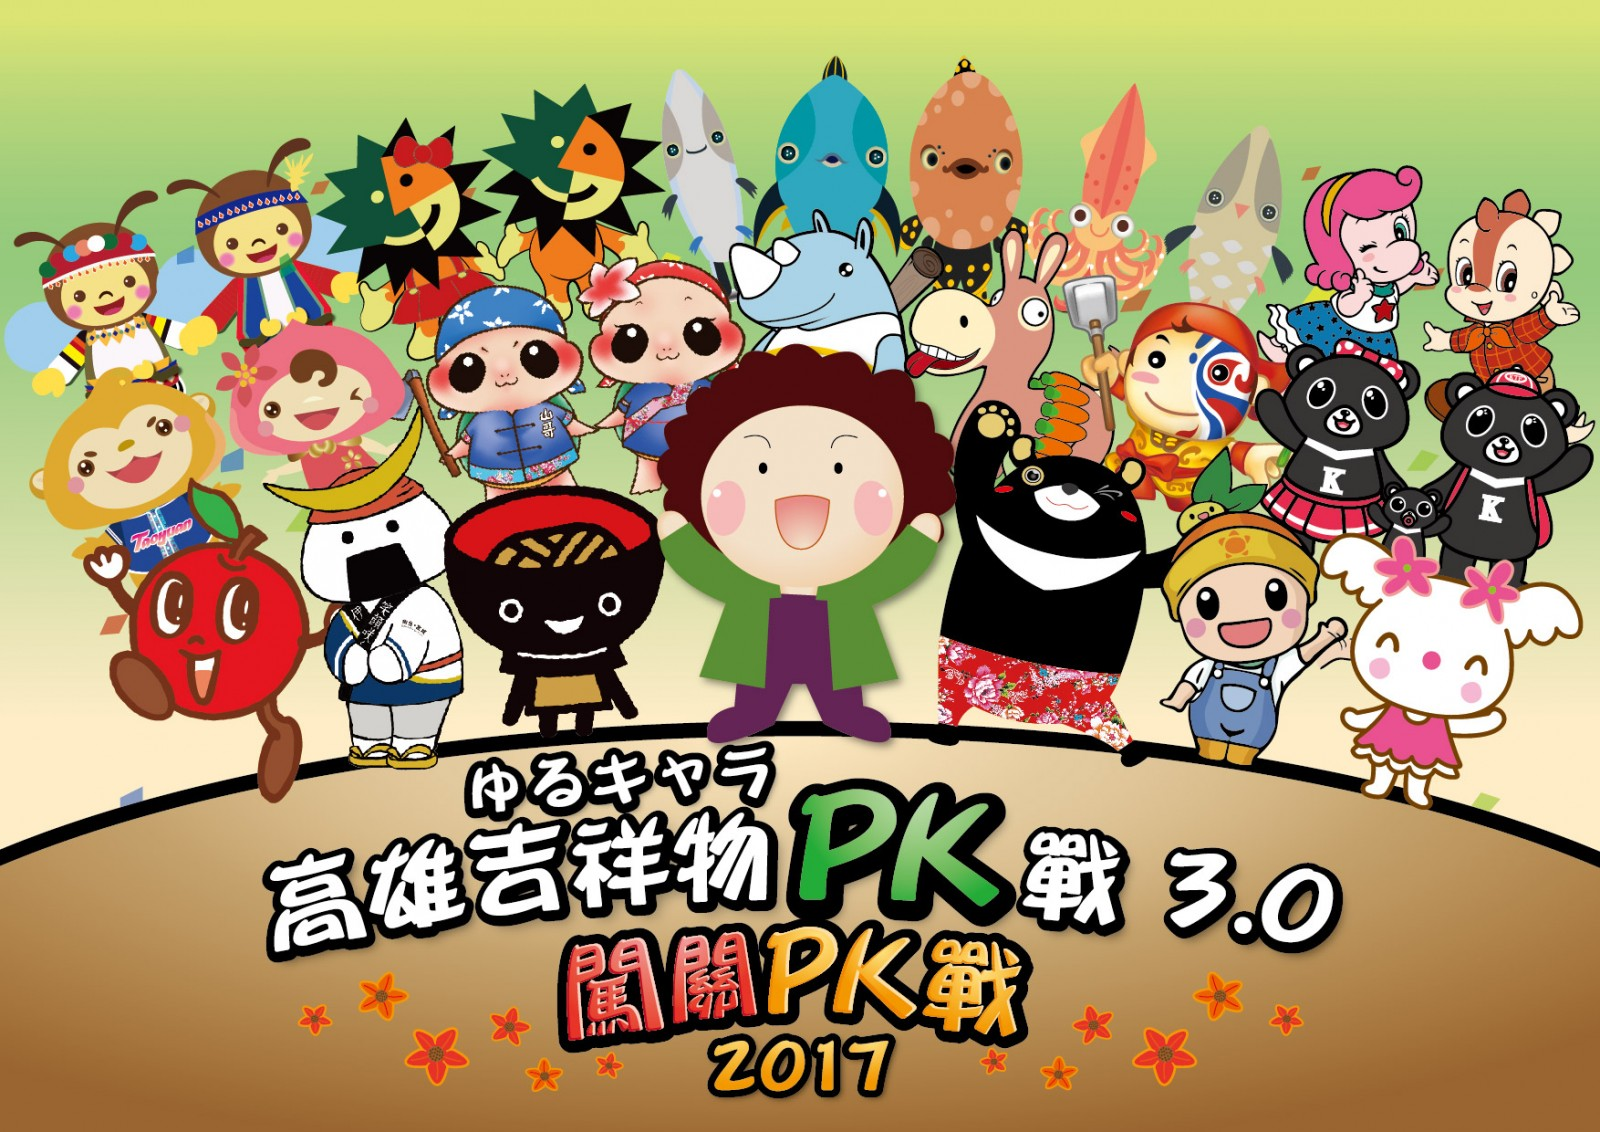 日本萌軍跨海PK 花媽偶偕高雄吉祥物應戰